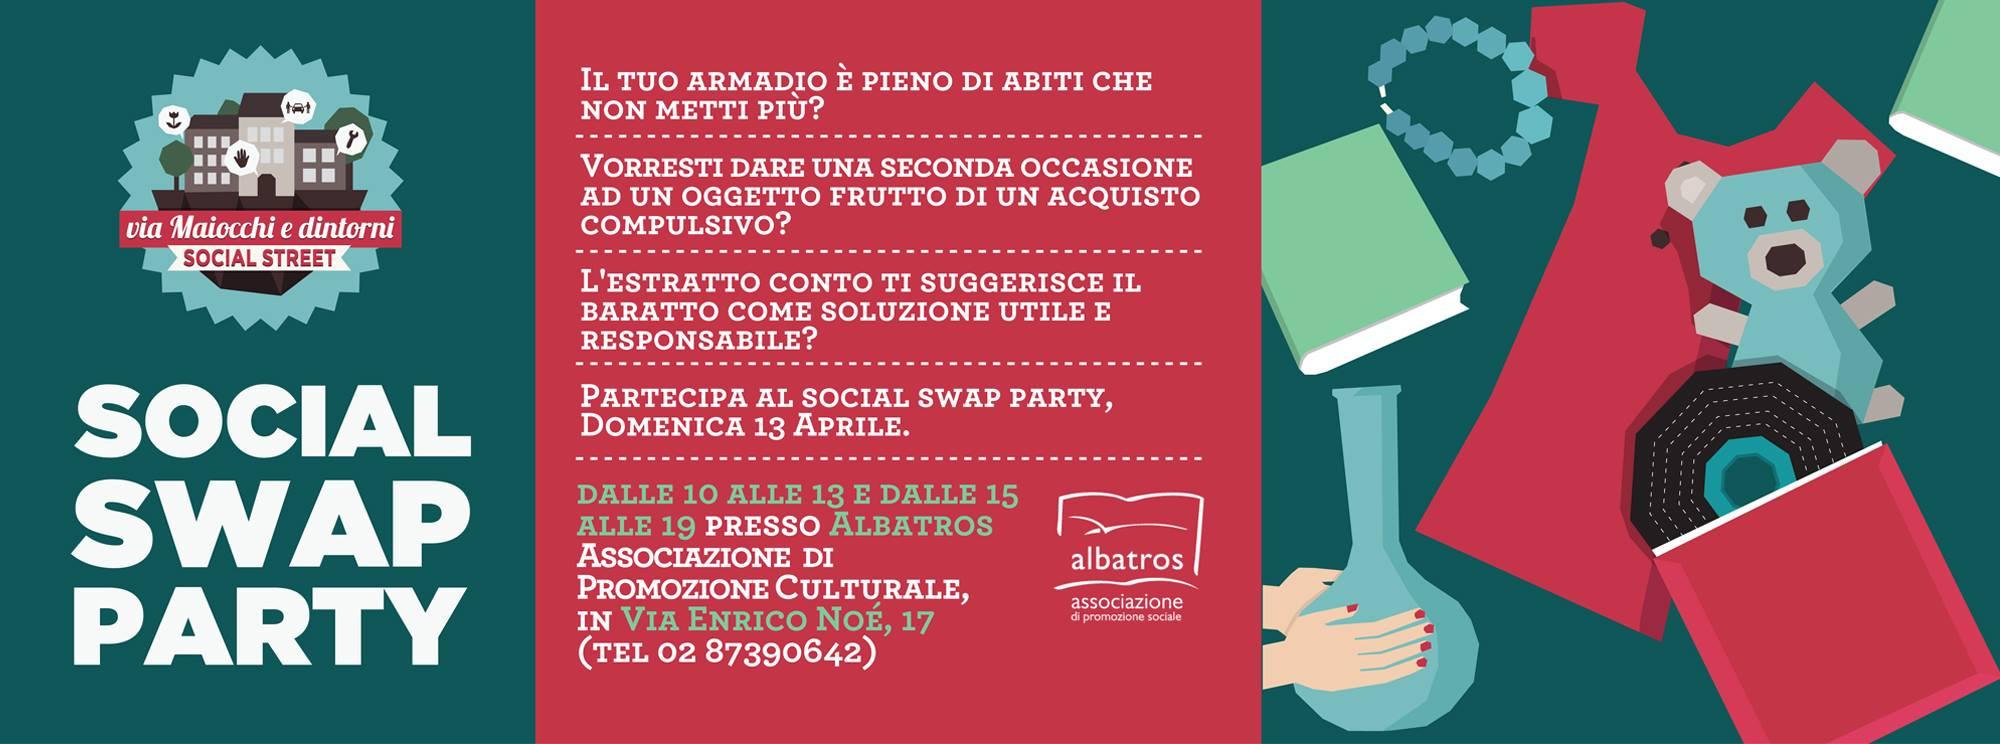 Social Swap Party